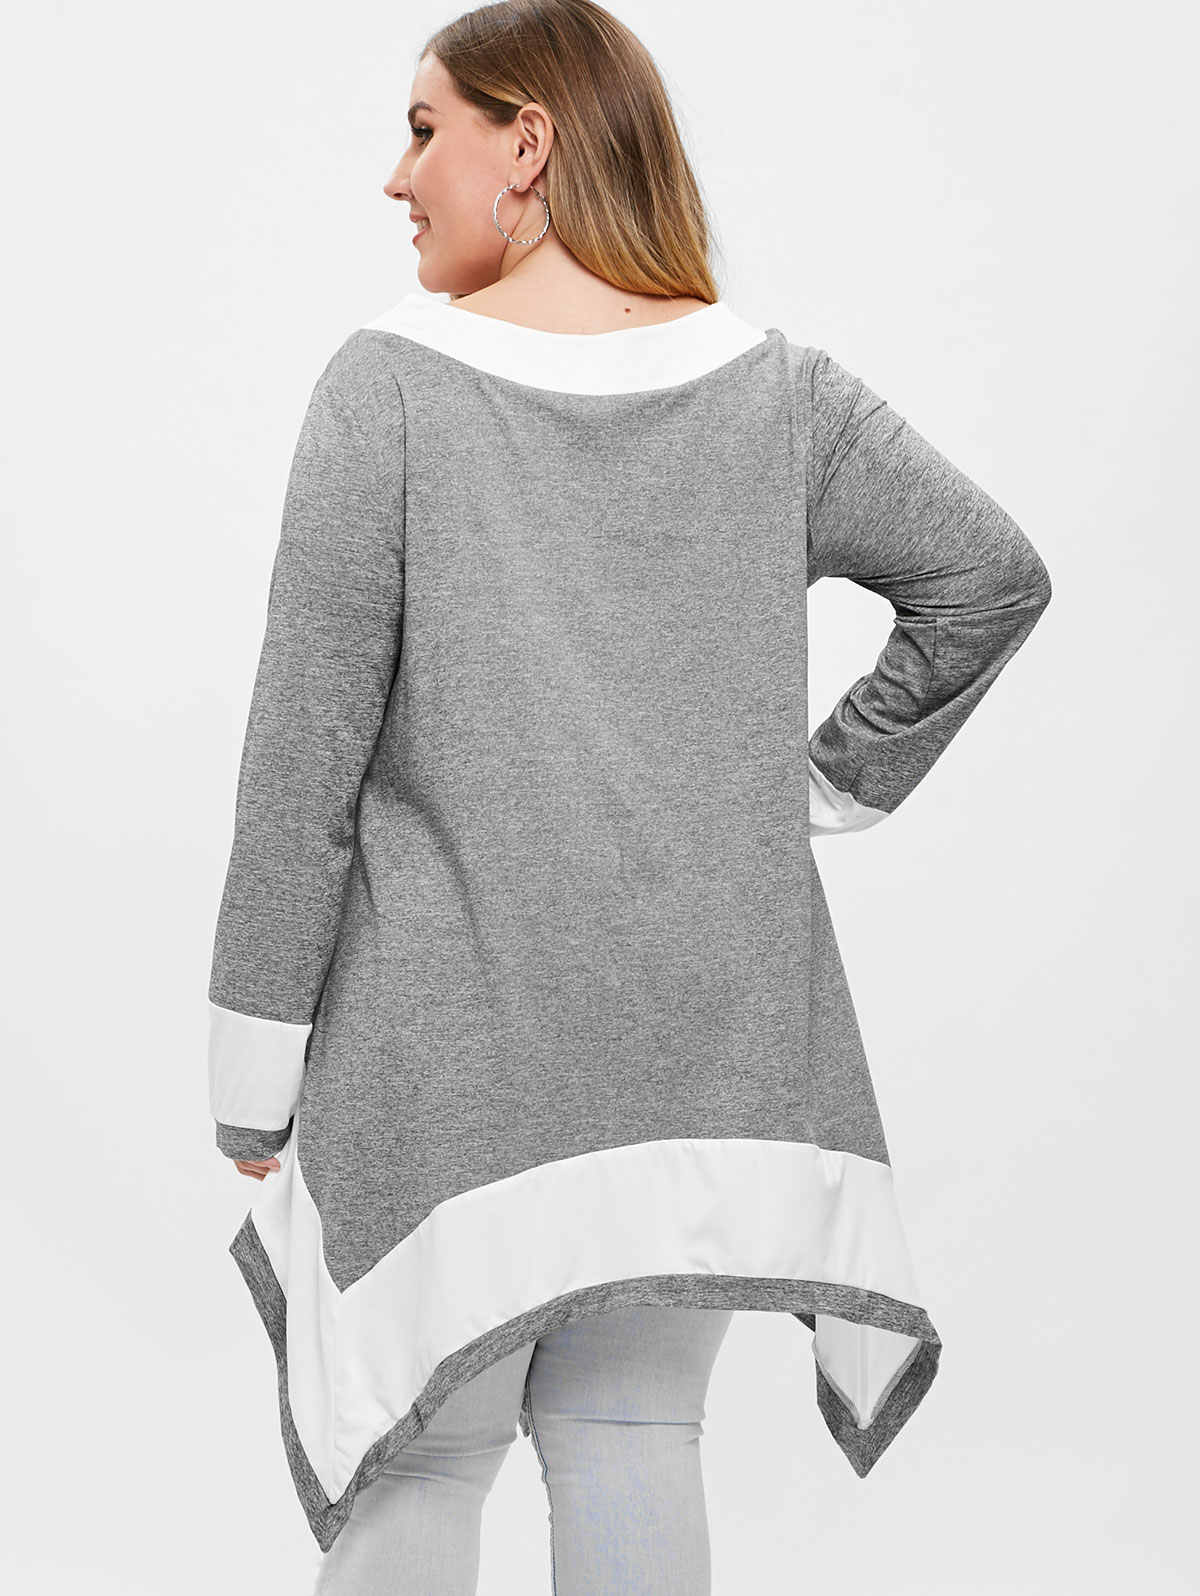 Wisalo повседневные пуловеры женские футболки размера плюс 5XL контрастный круглый вырез длинный платок с рукавами футболки женские топы тройники Большие размеры